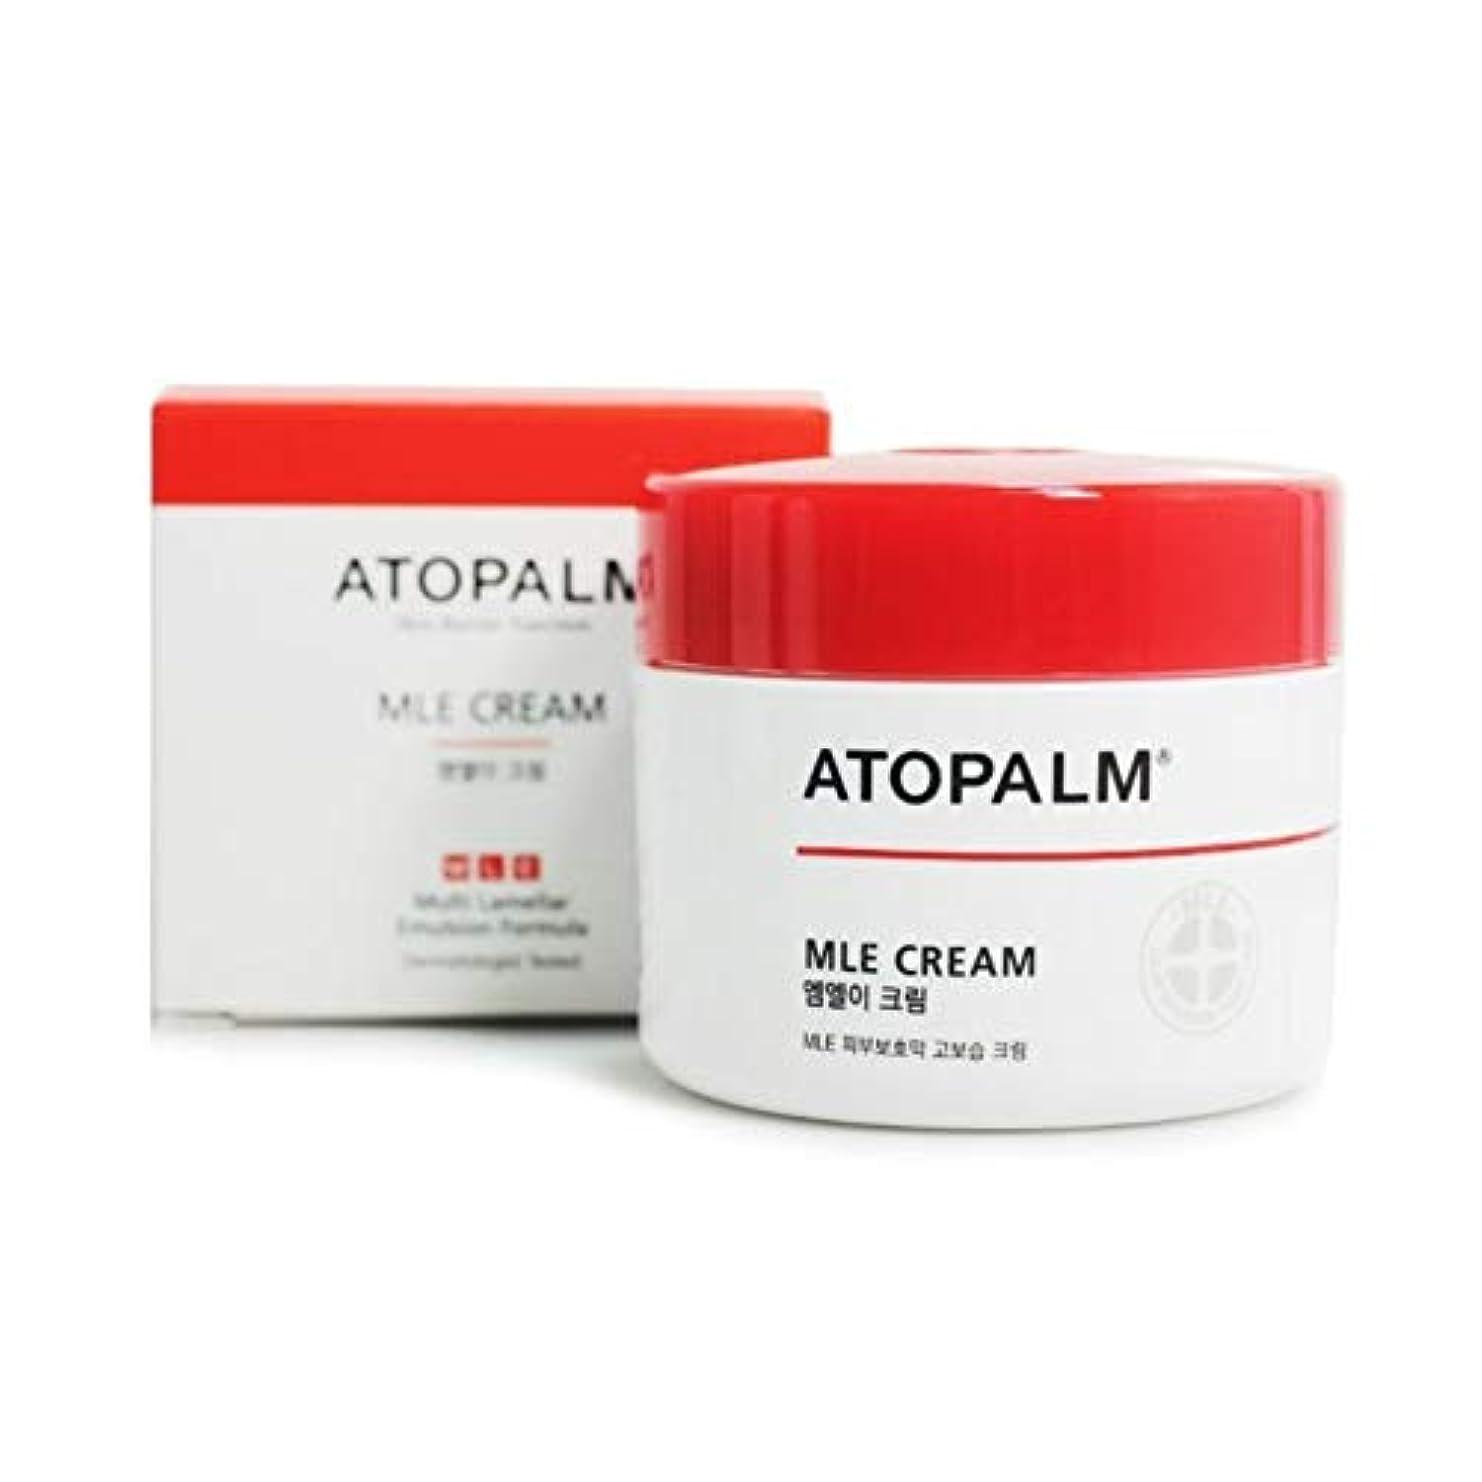 ジョットディボンドンマイルストーン薬用アトパムMLEクリーム160mlベビークリーム韓国コスメ、Atopalm MLE Cream 160ml Baby Cream Korean Cosmetics [並行輸入品]